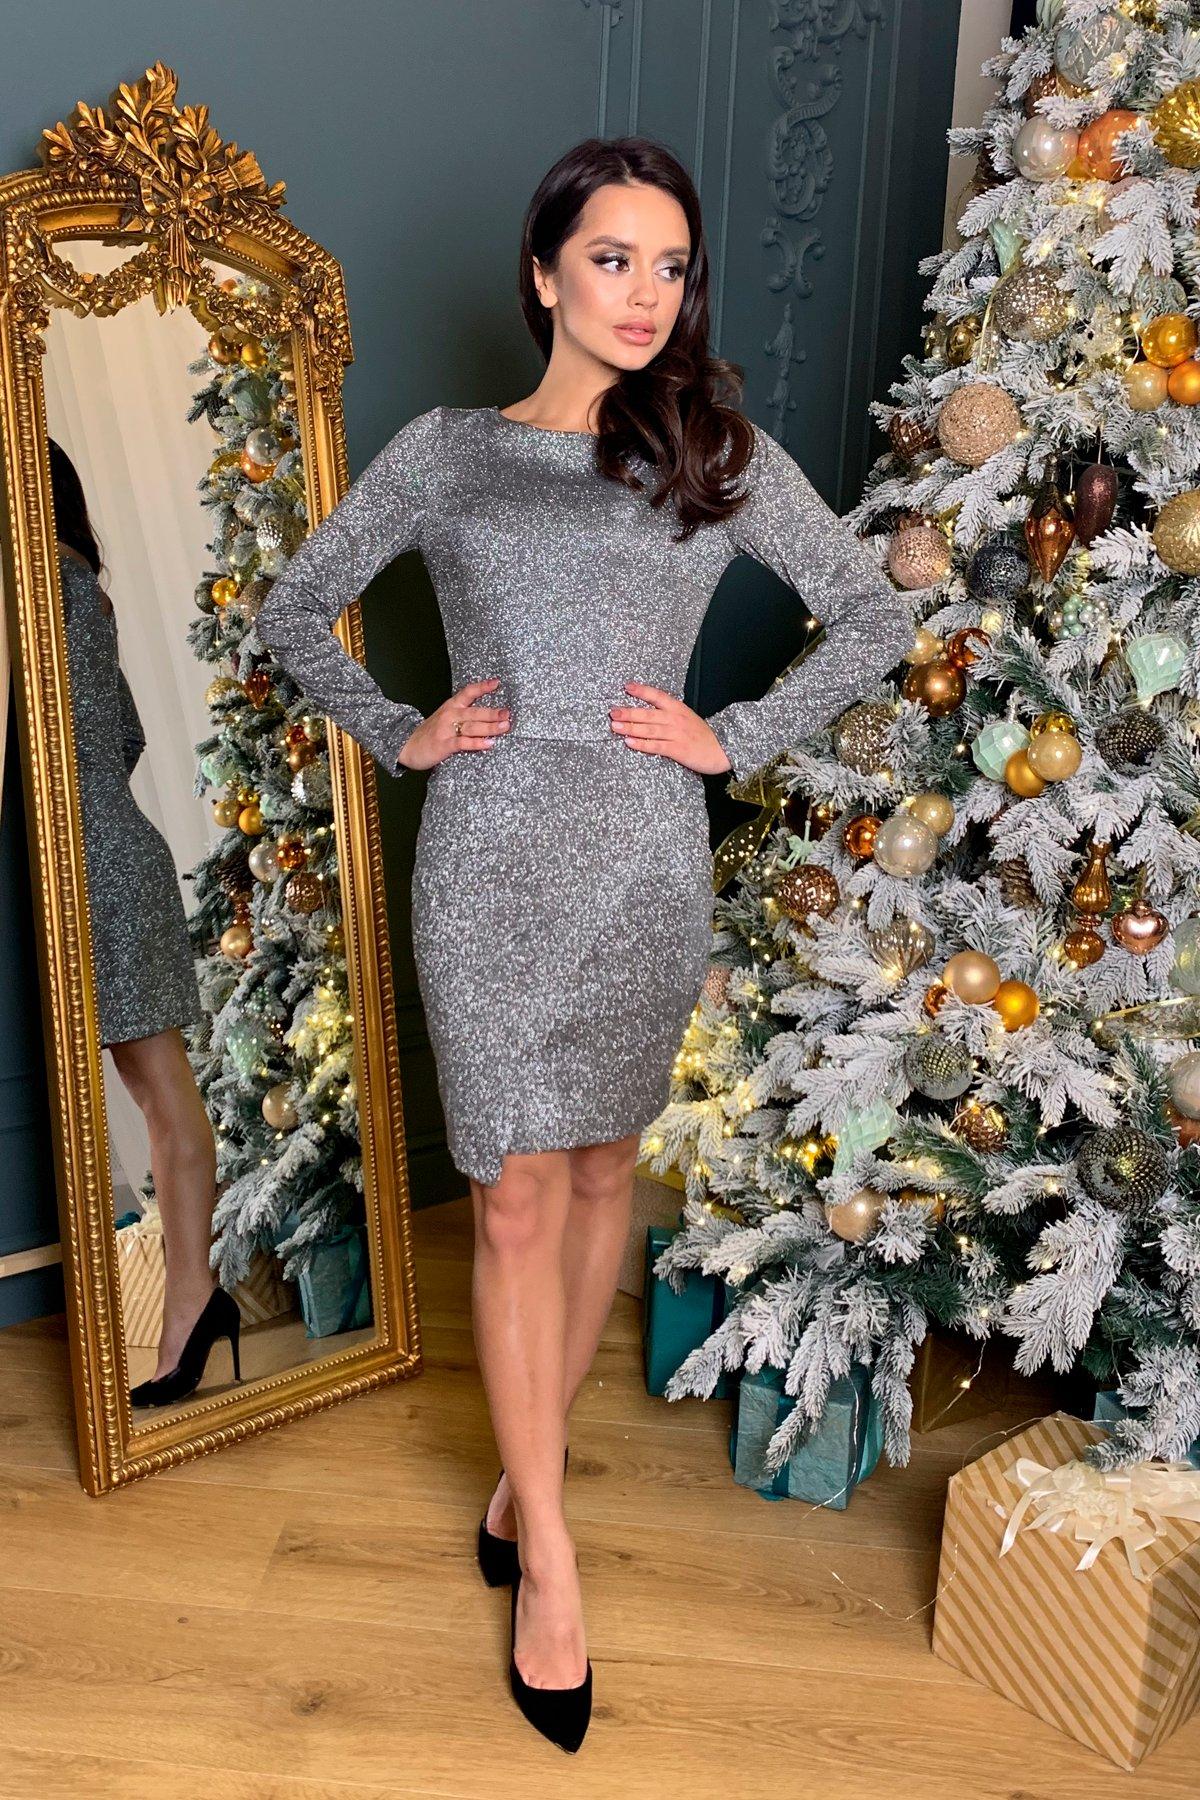 Коктейльное платье Кристал 8346 АРТ. 45027 Цвет: Графит/серебро - фото 6, интернет магазин tm-modus.ru